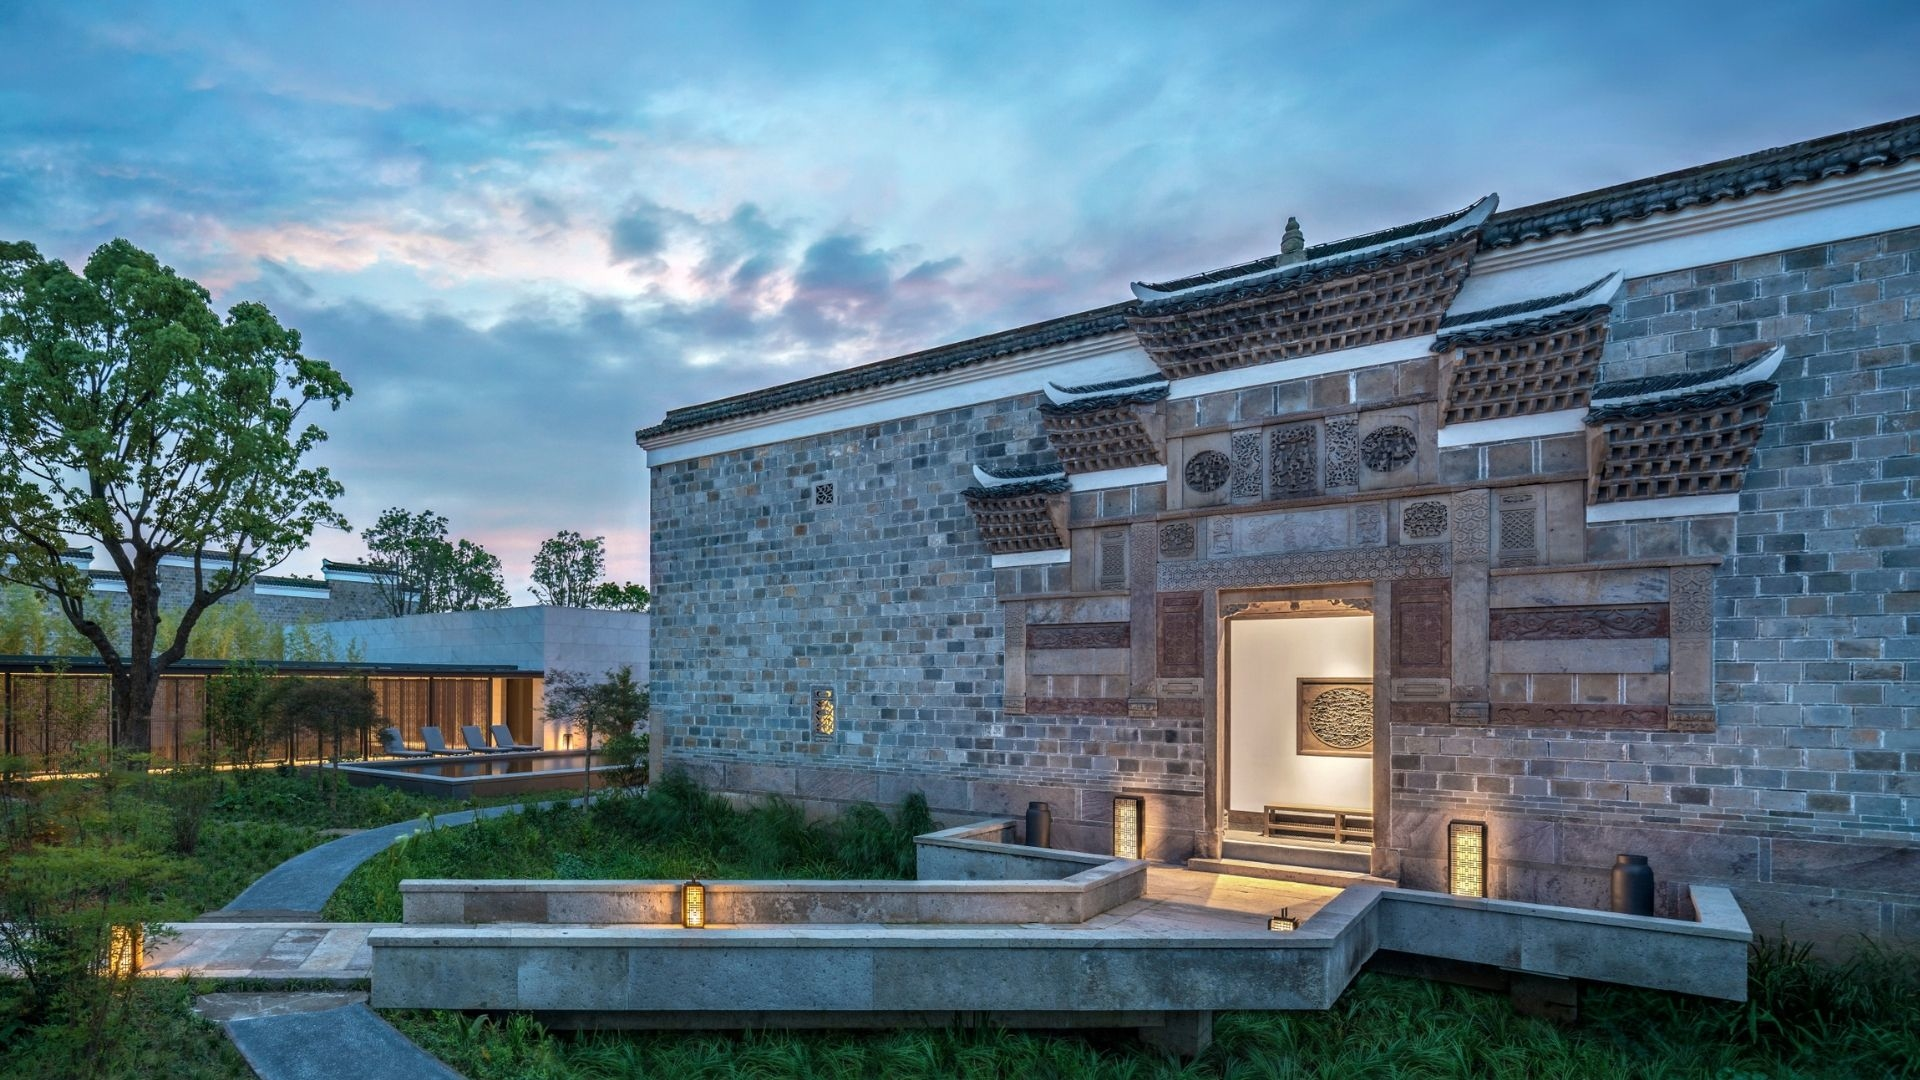 10 Reasons Why Everyone Should Visit Amanyangyun, Shanghai